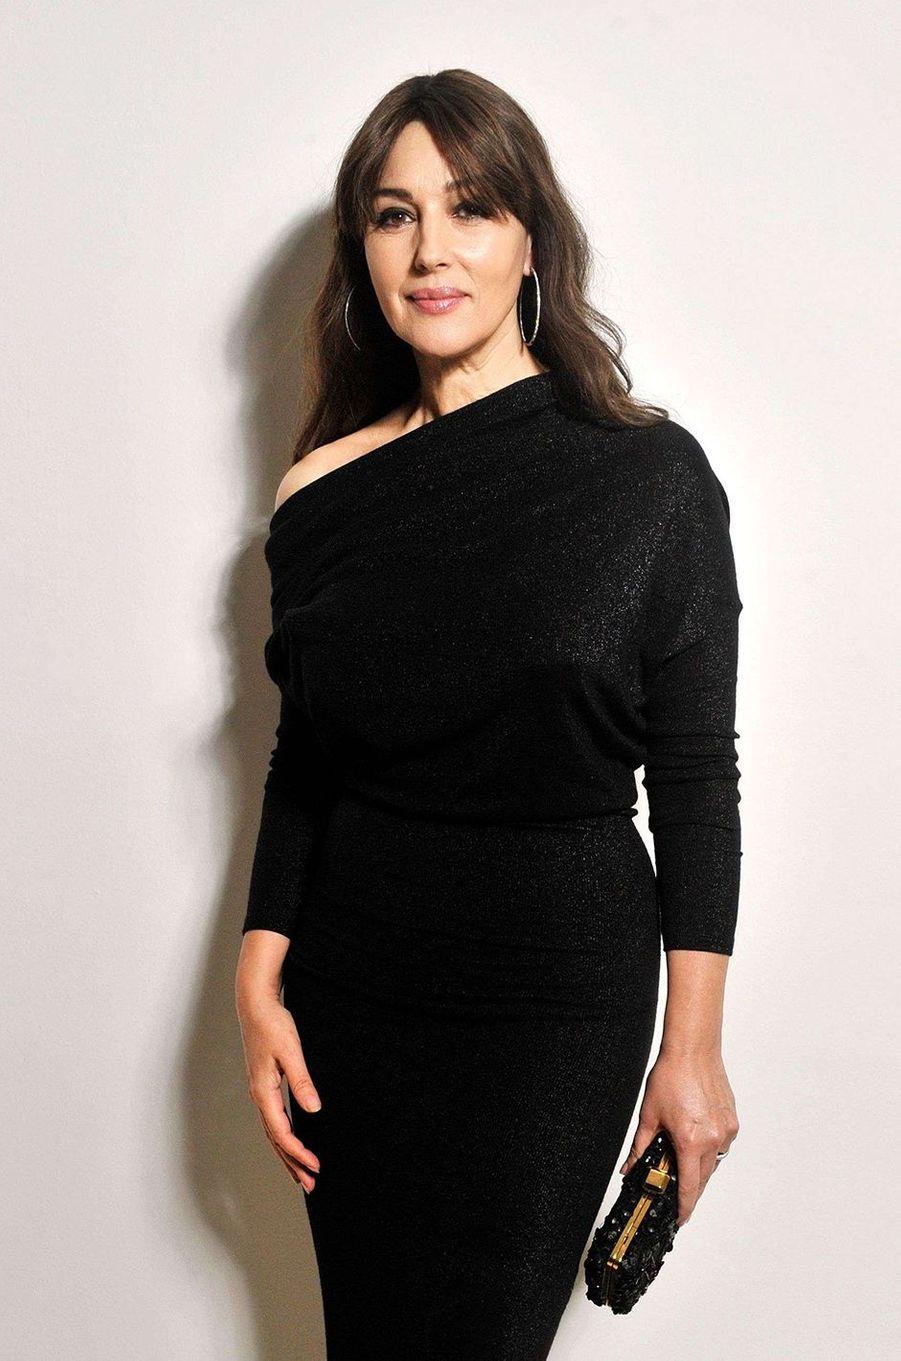 Pour beaucoup d'hommes et de femmes, Monica Bellucci est LA plus belle au monde.